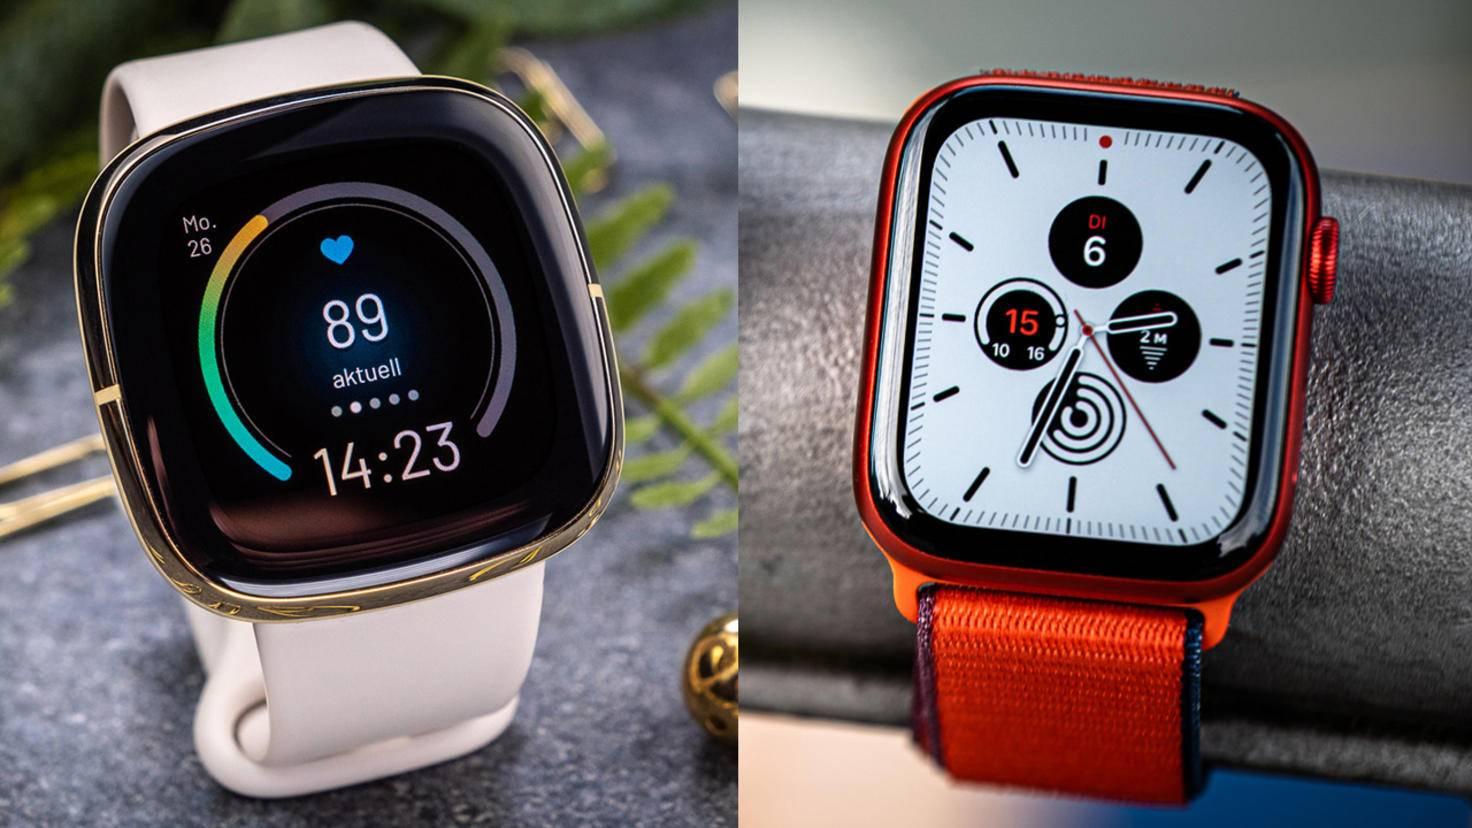 fitbit-sense-vs-apple-watch-comparaison-1